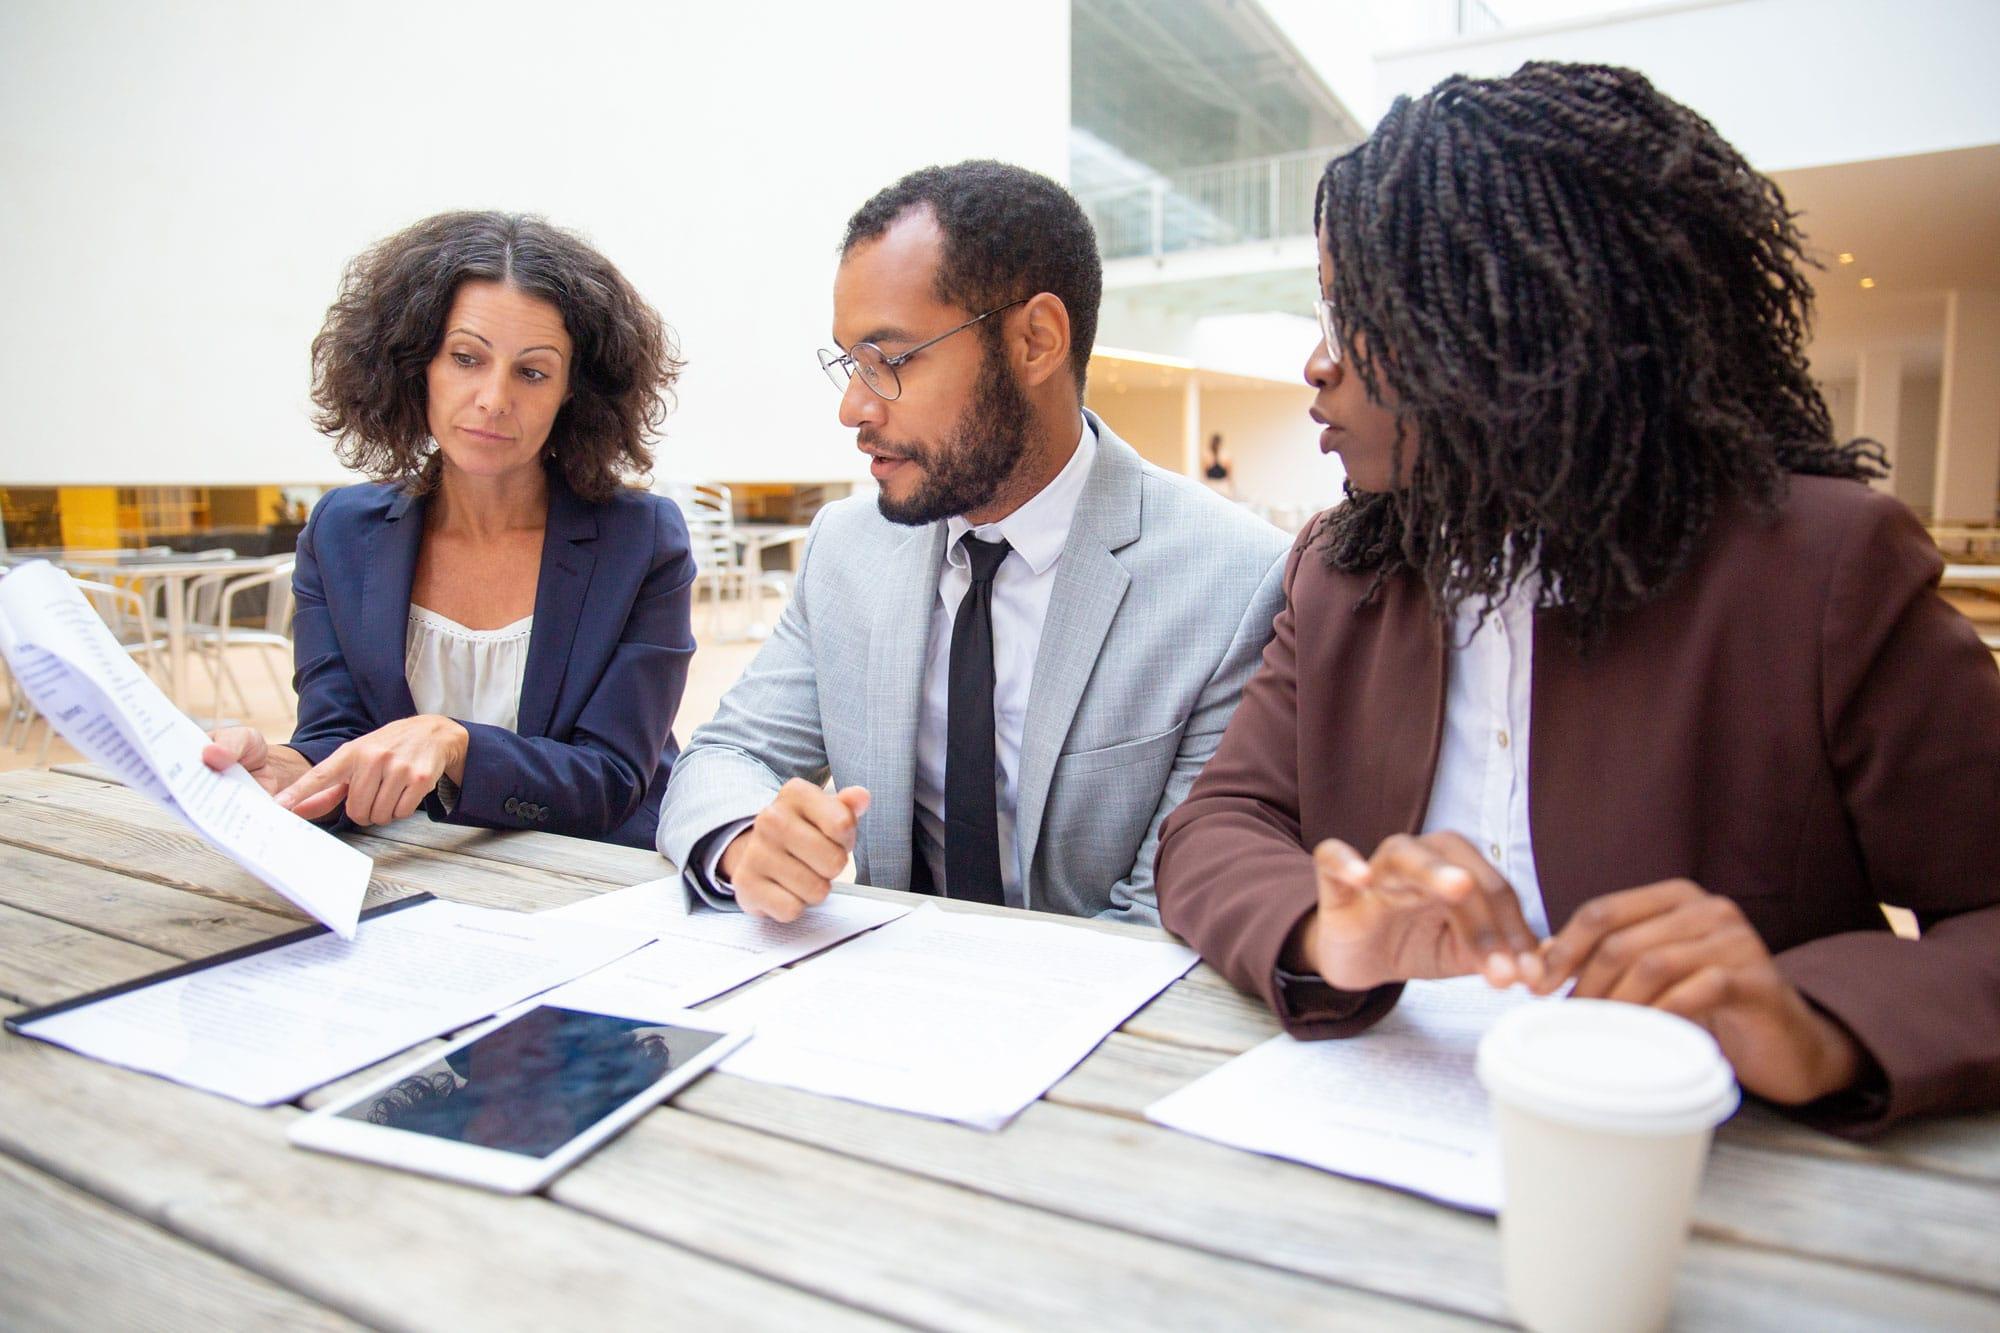 Droit des employeurs licenciement